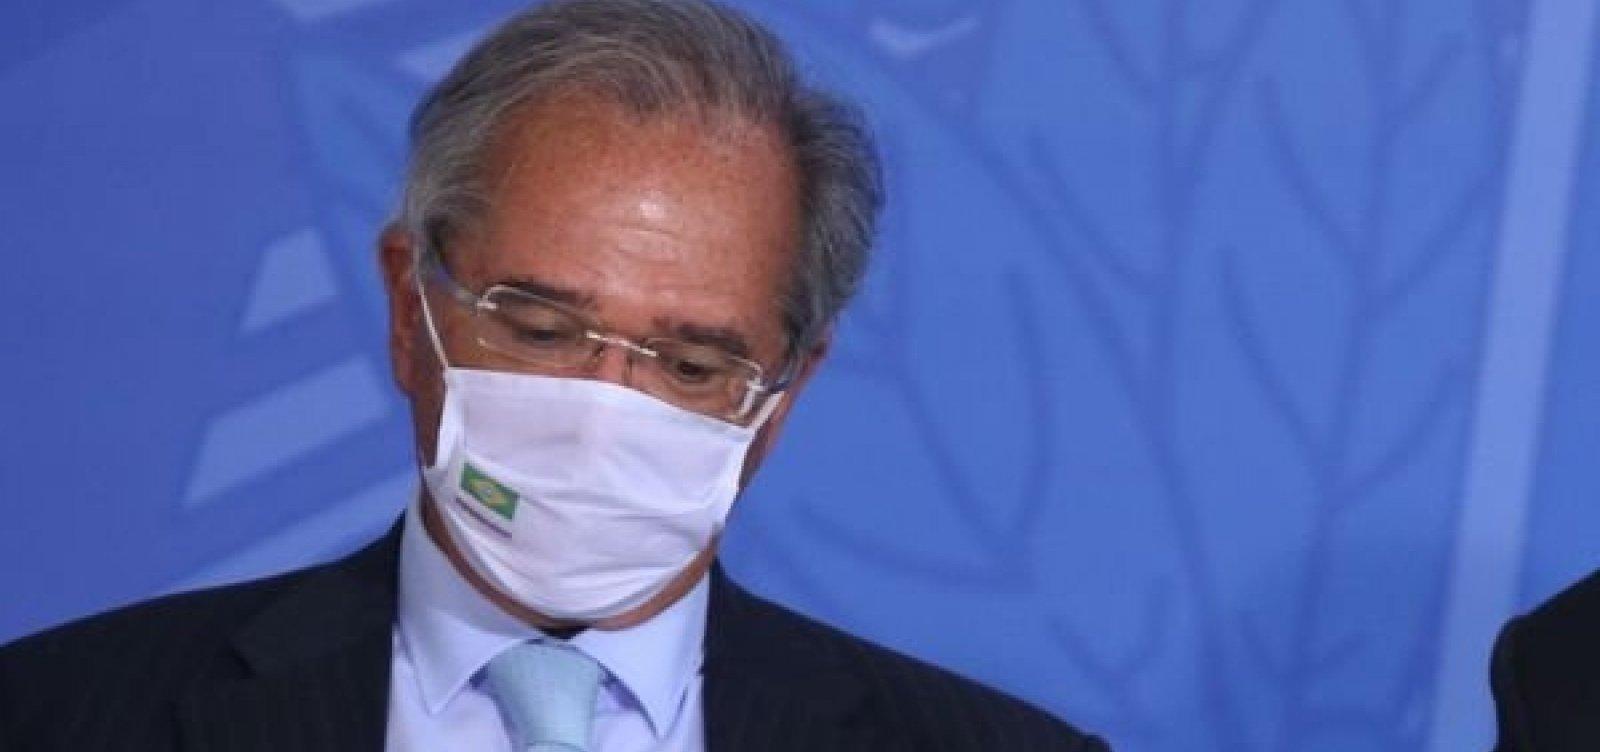 Ministério da Economia minimiza fim da Ford no Brasil e fala sobre 'forte recuperação' econômica